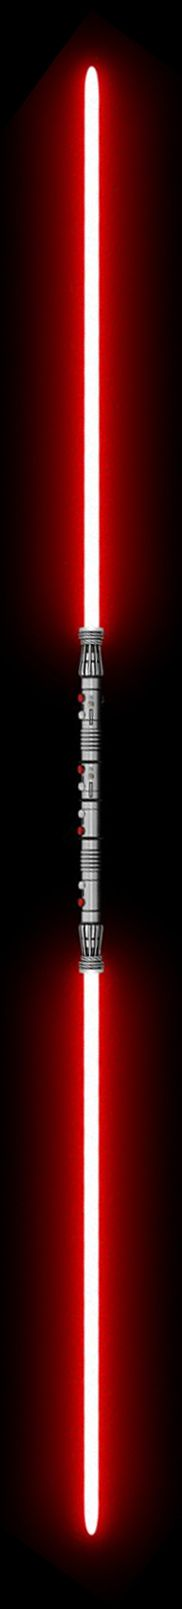 Episode I - Darth Maul lightsaber - Star Wars